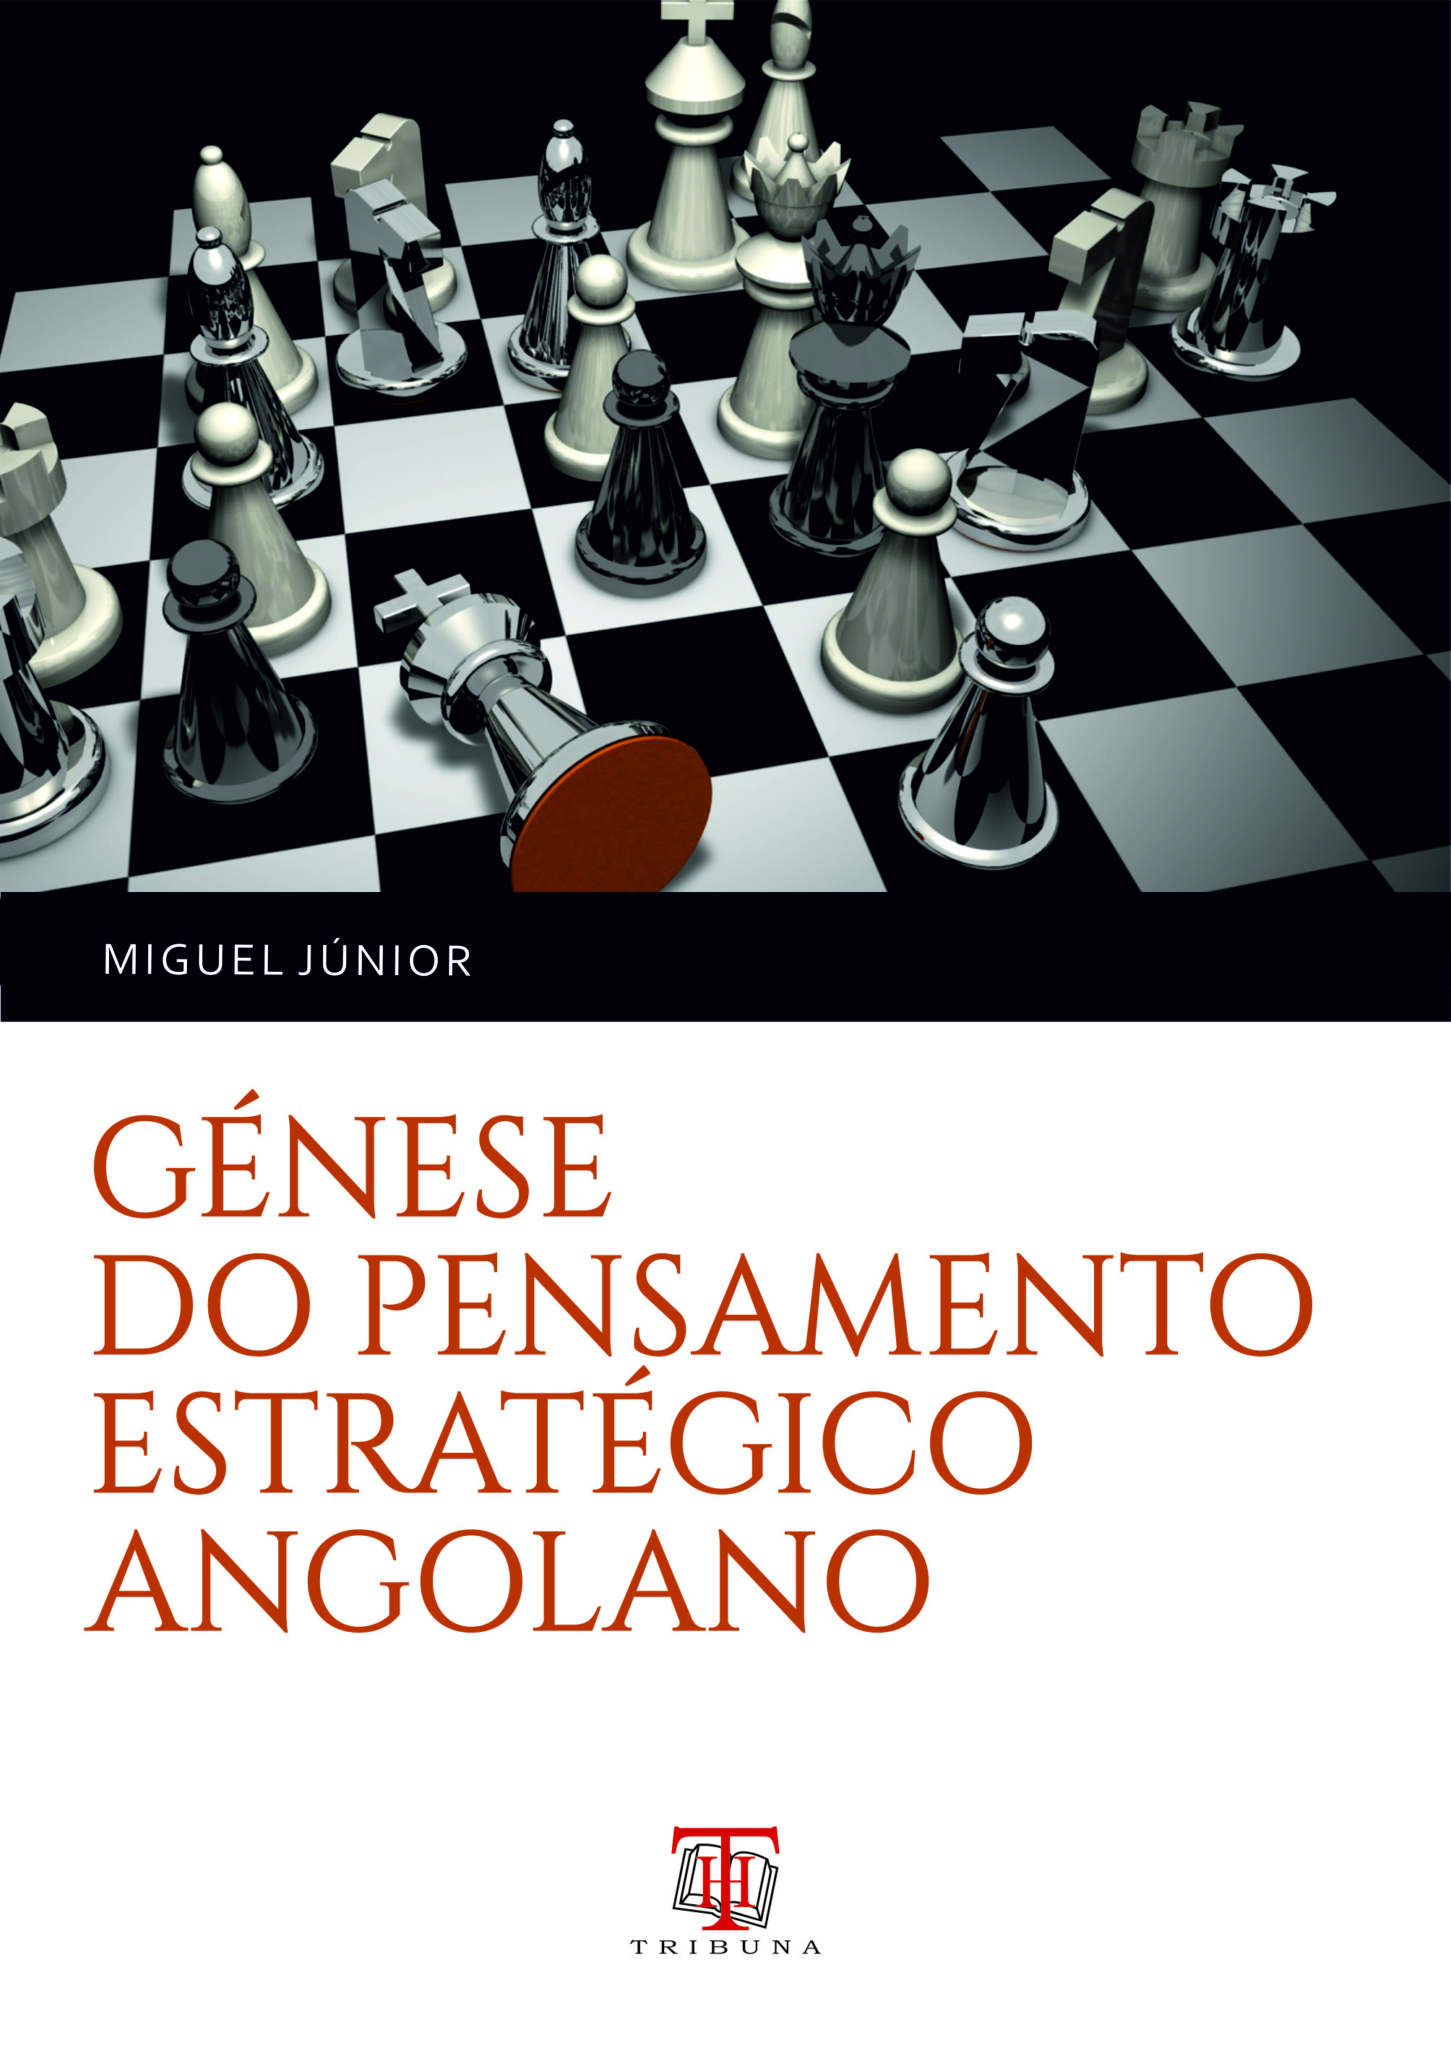 génese do pensamento estratégico